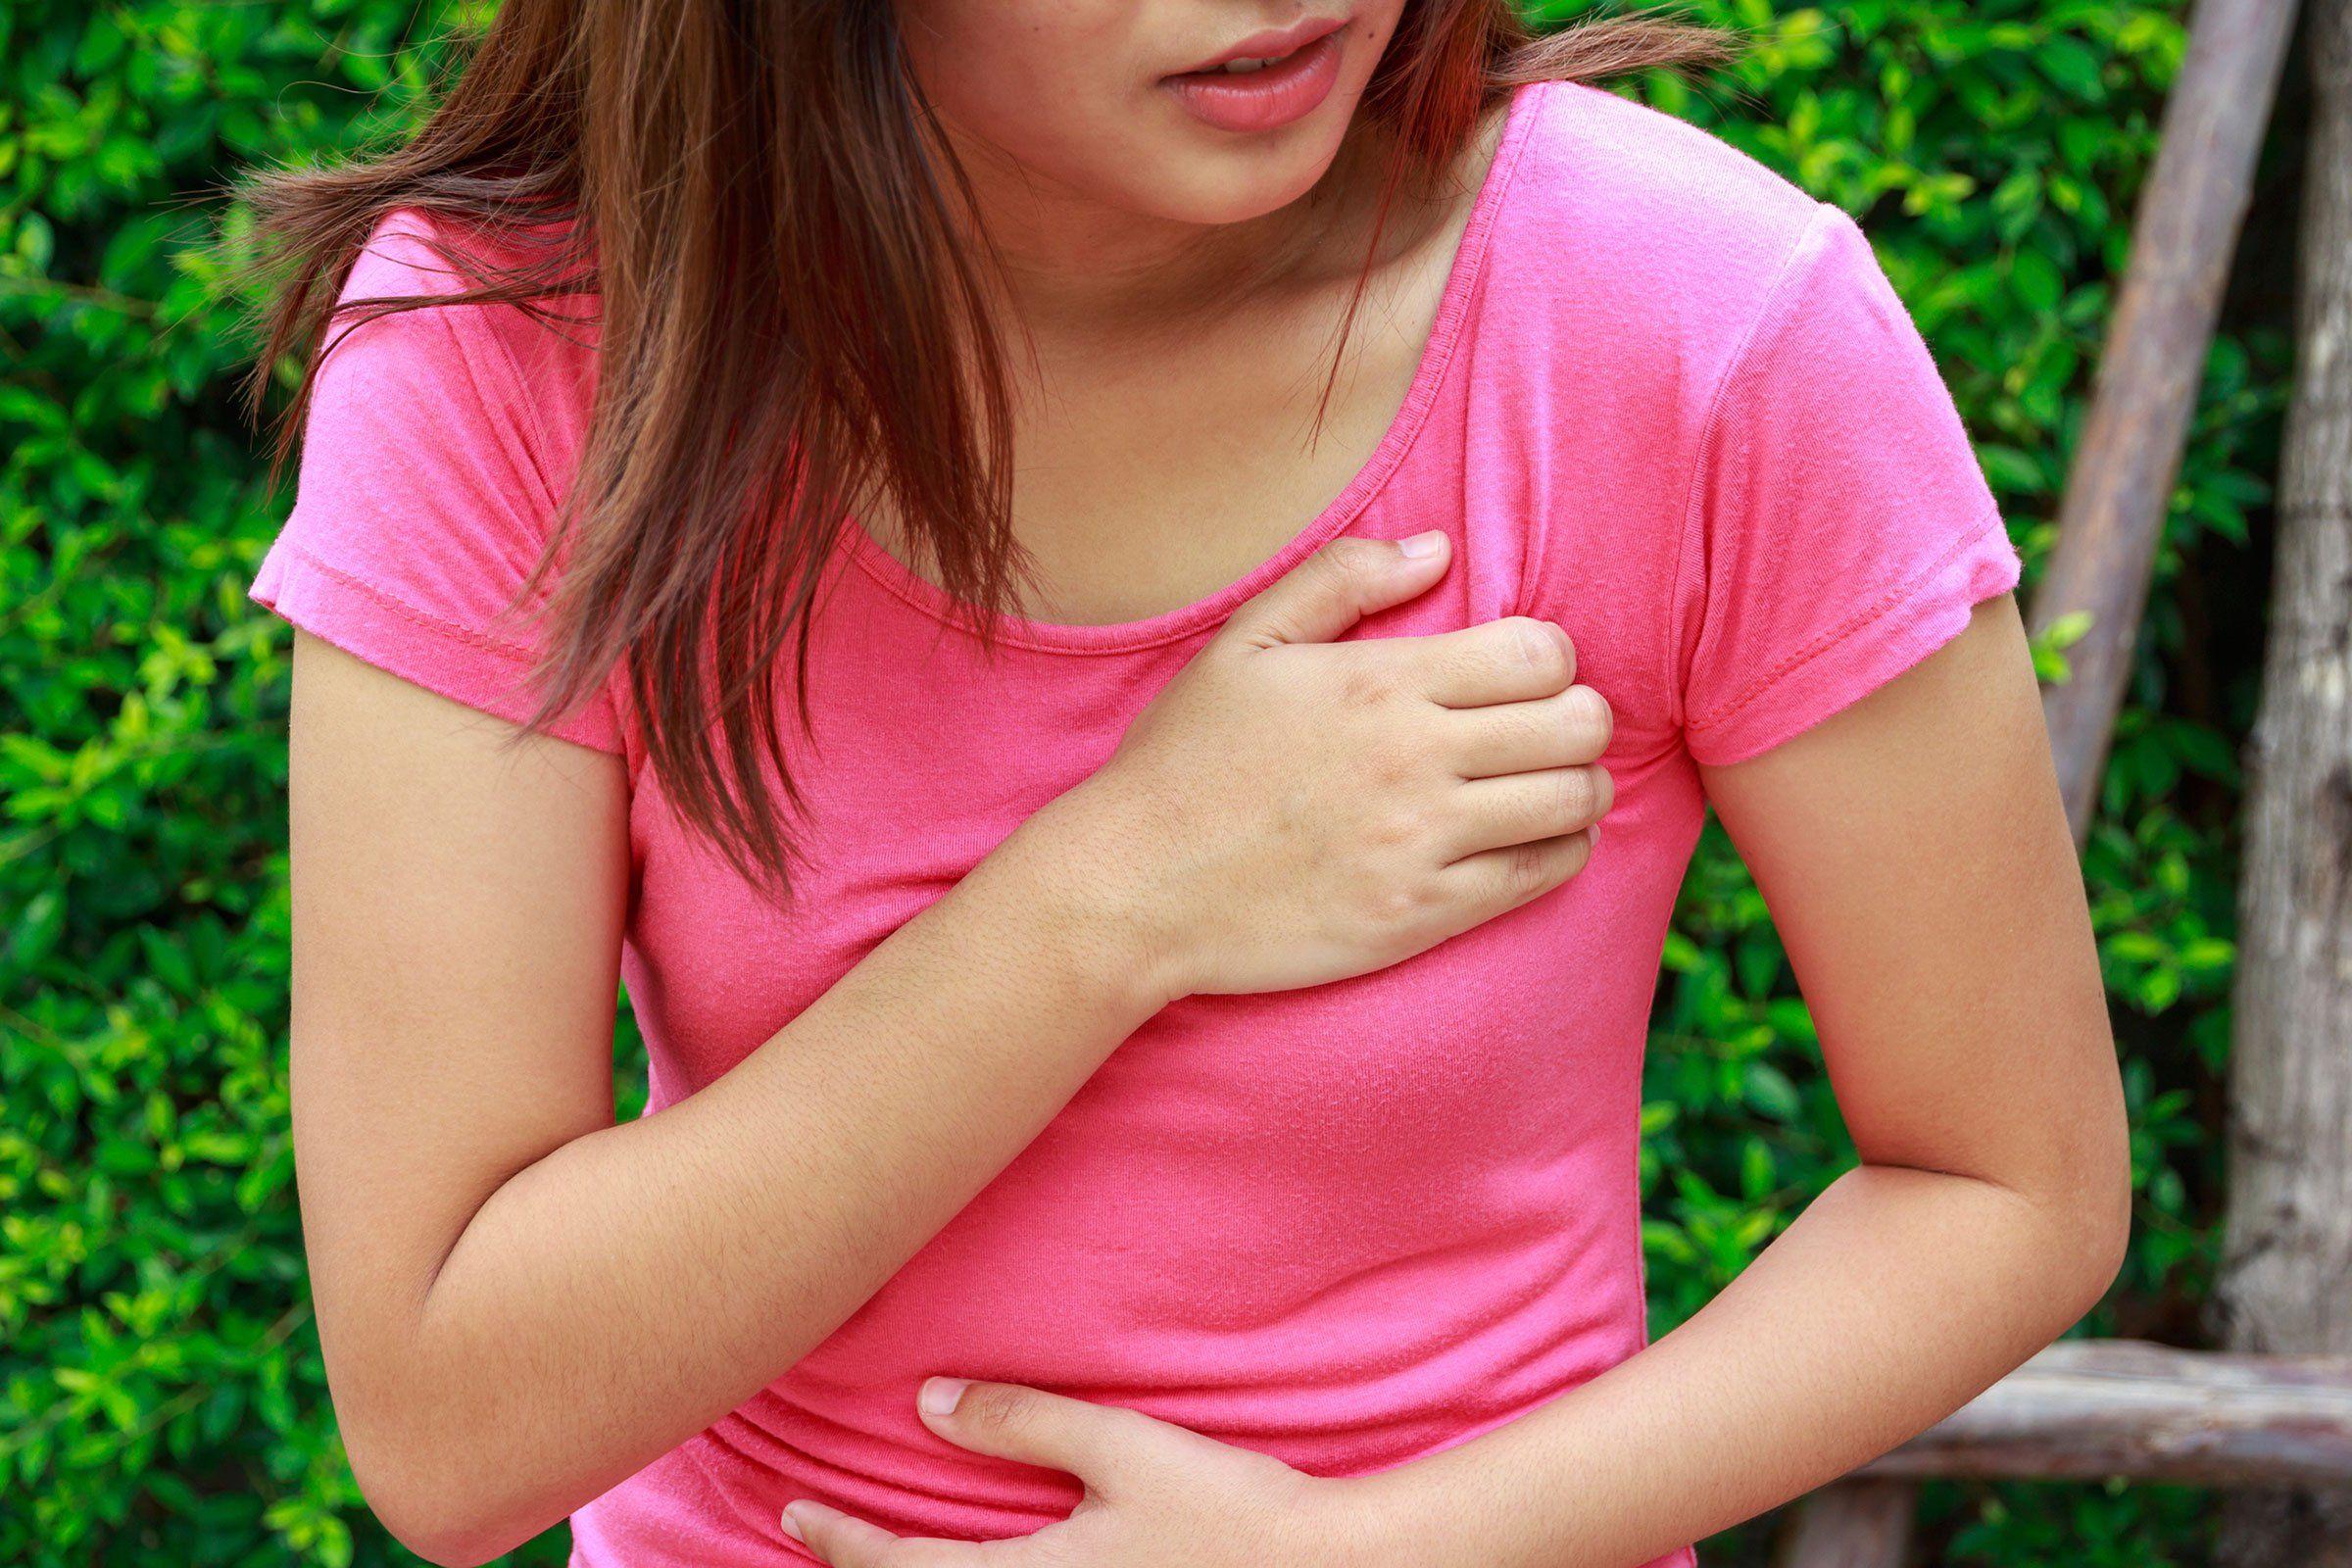 6. Memberi cara mengatasi nyeri haid gejala fisik lainnya